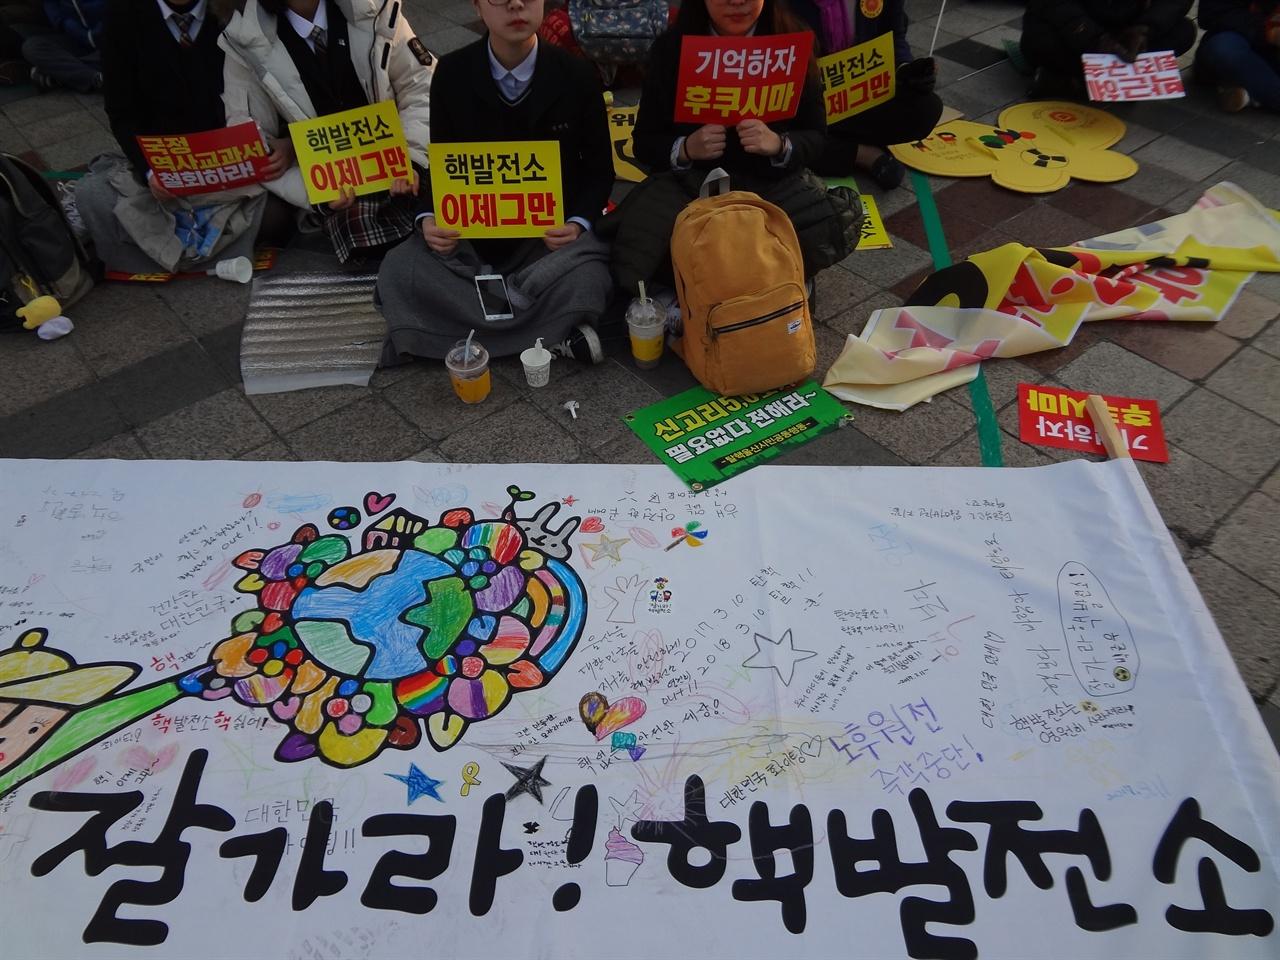 플랫카드 속 메시지들1 2017년 3월 11일 울산에 열린 <탈핵울산시민대회>에서 플랫카드들을 찍었다.